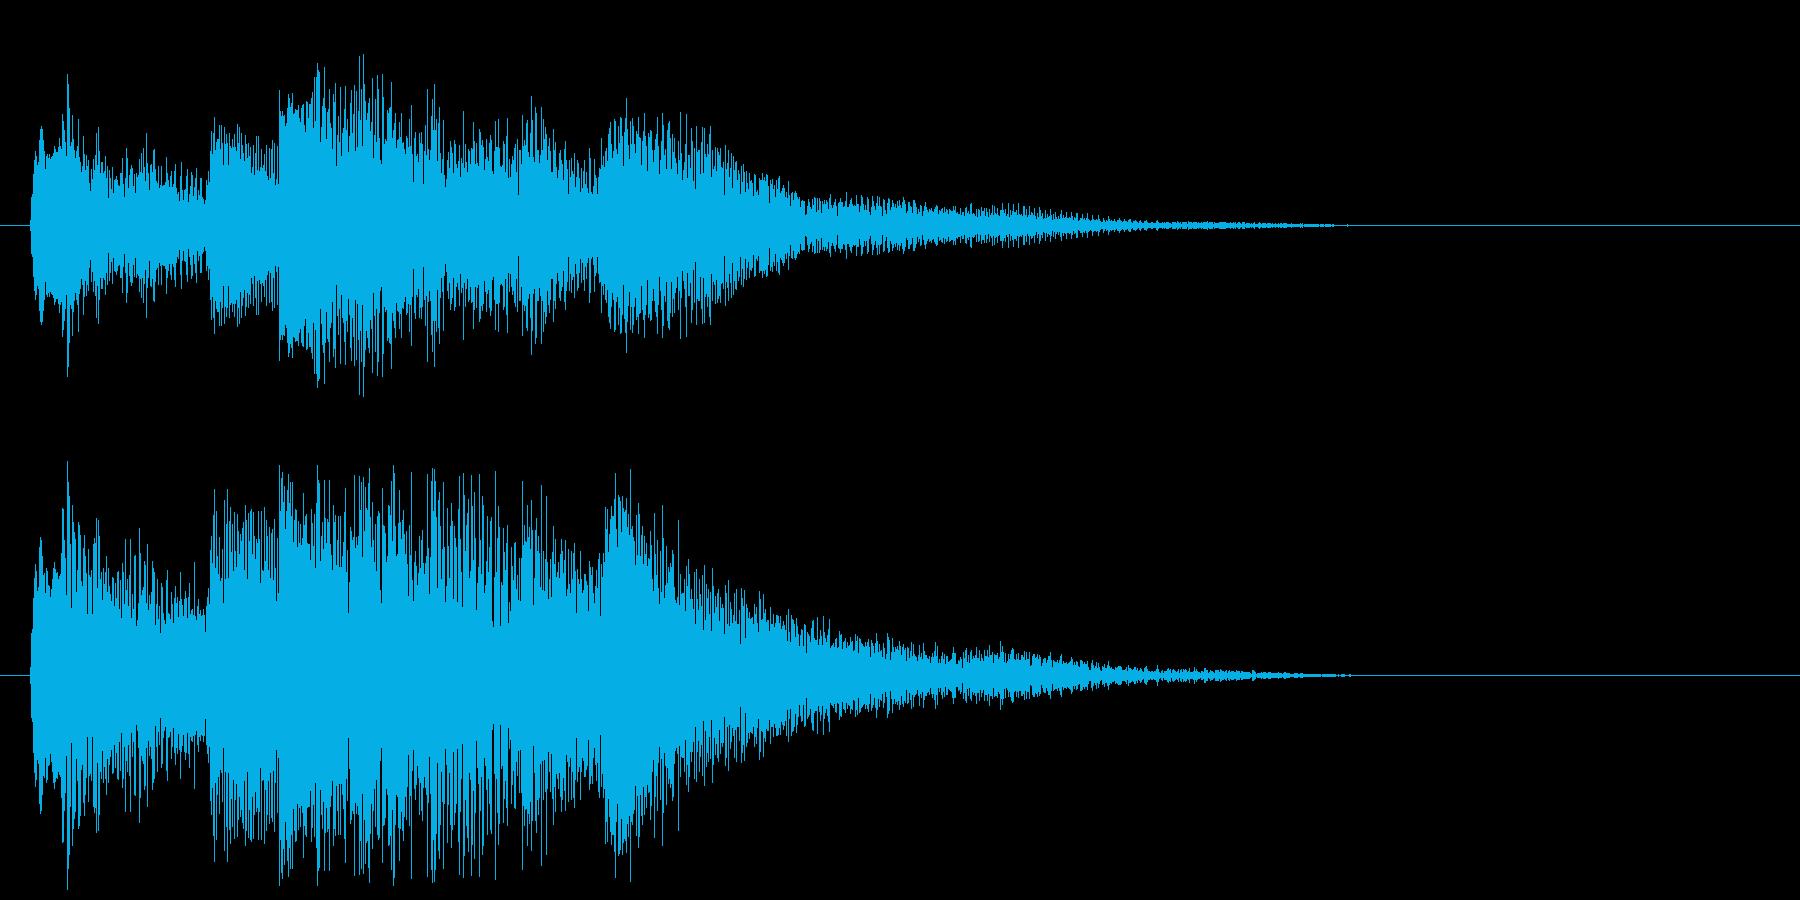 邦楽_琴_インパクトの再生済みの波形